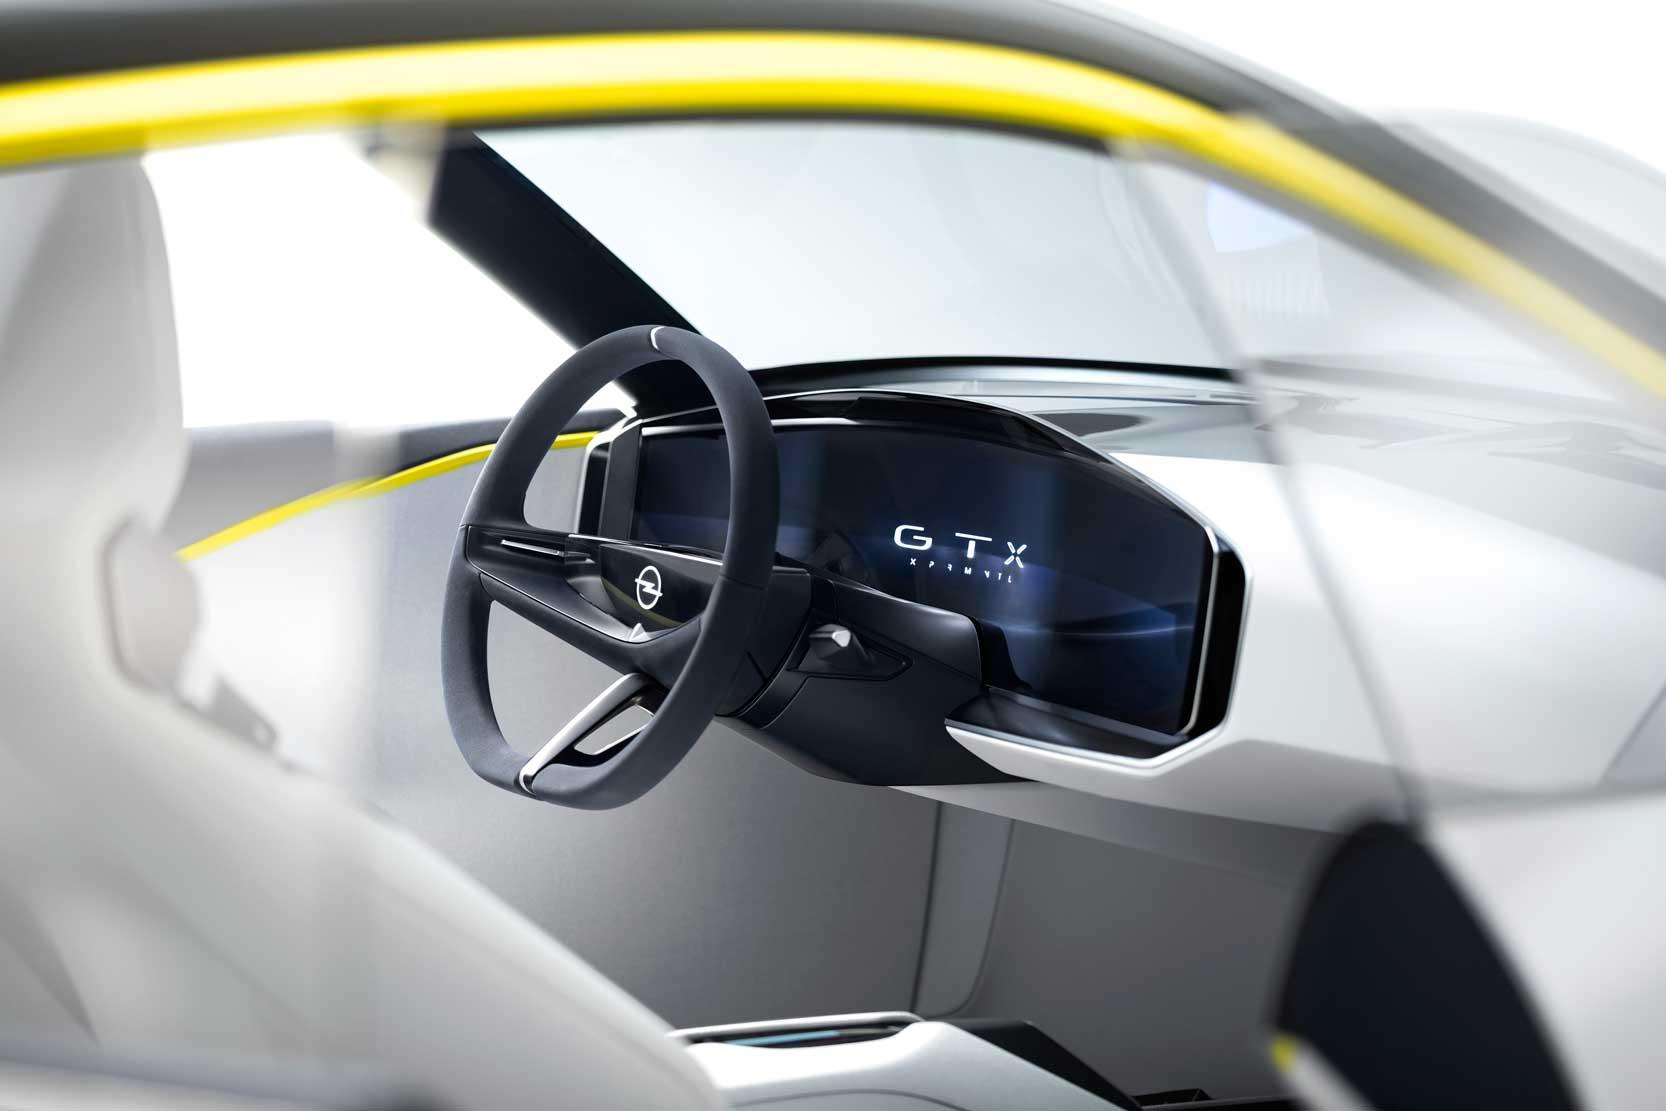 Le Pure Panel d'Opel, fait disparaitre les boutons de l'habitacle